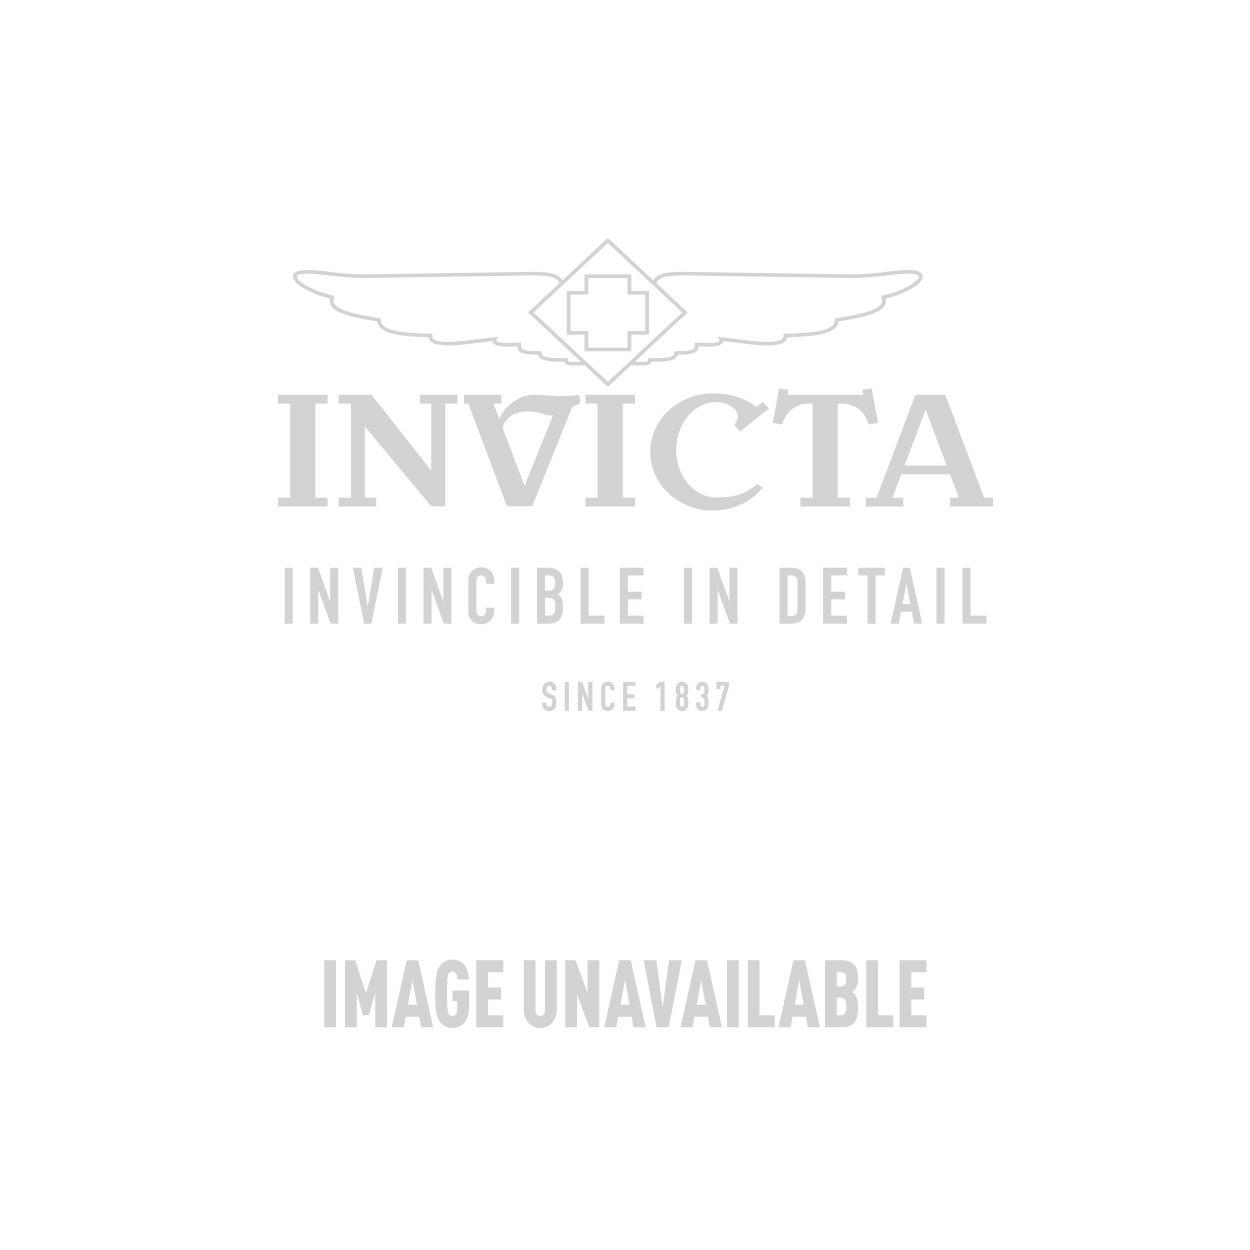 Invicta Model 27116